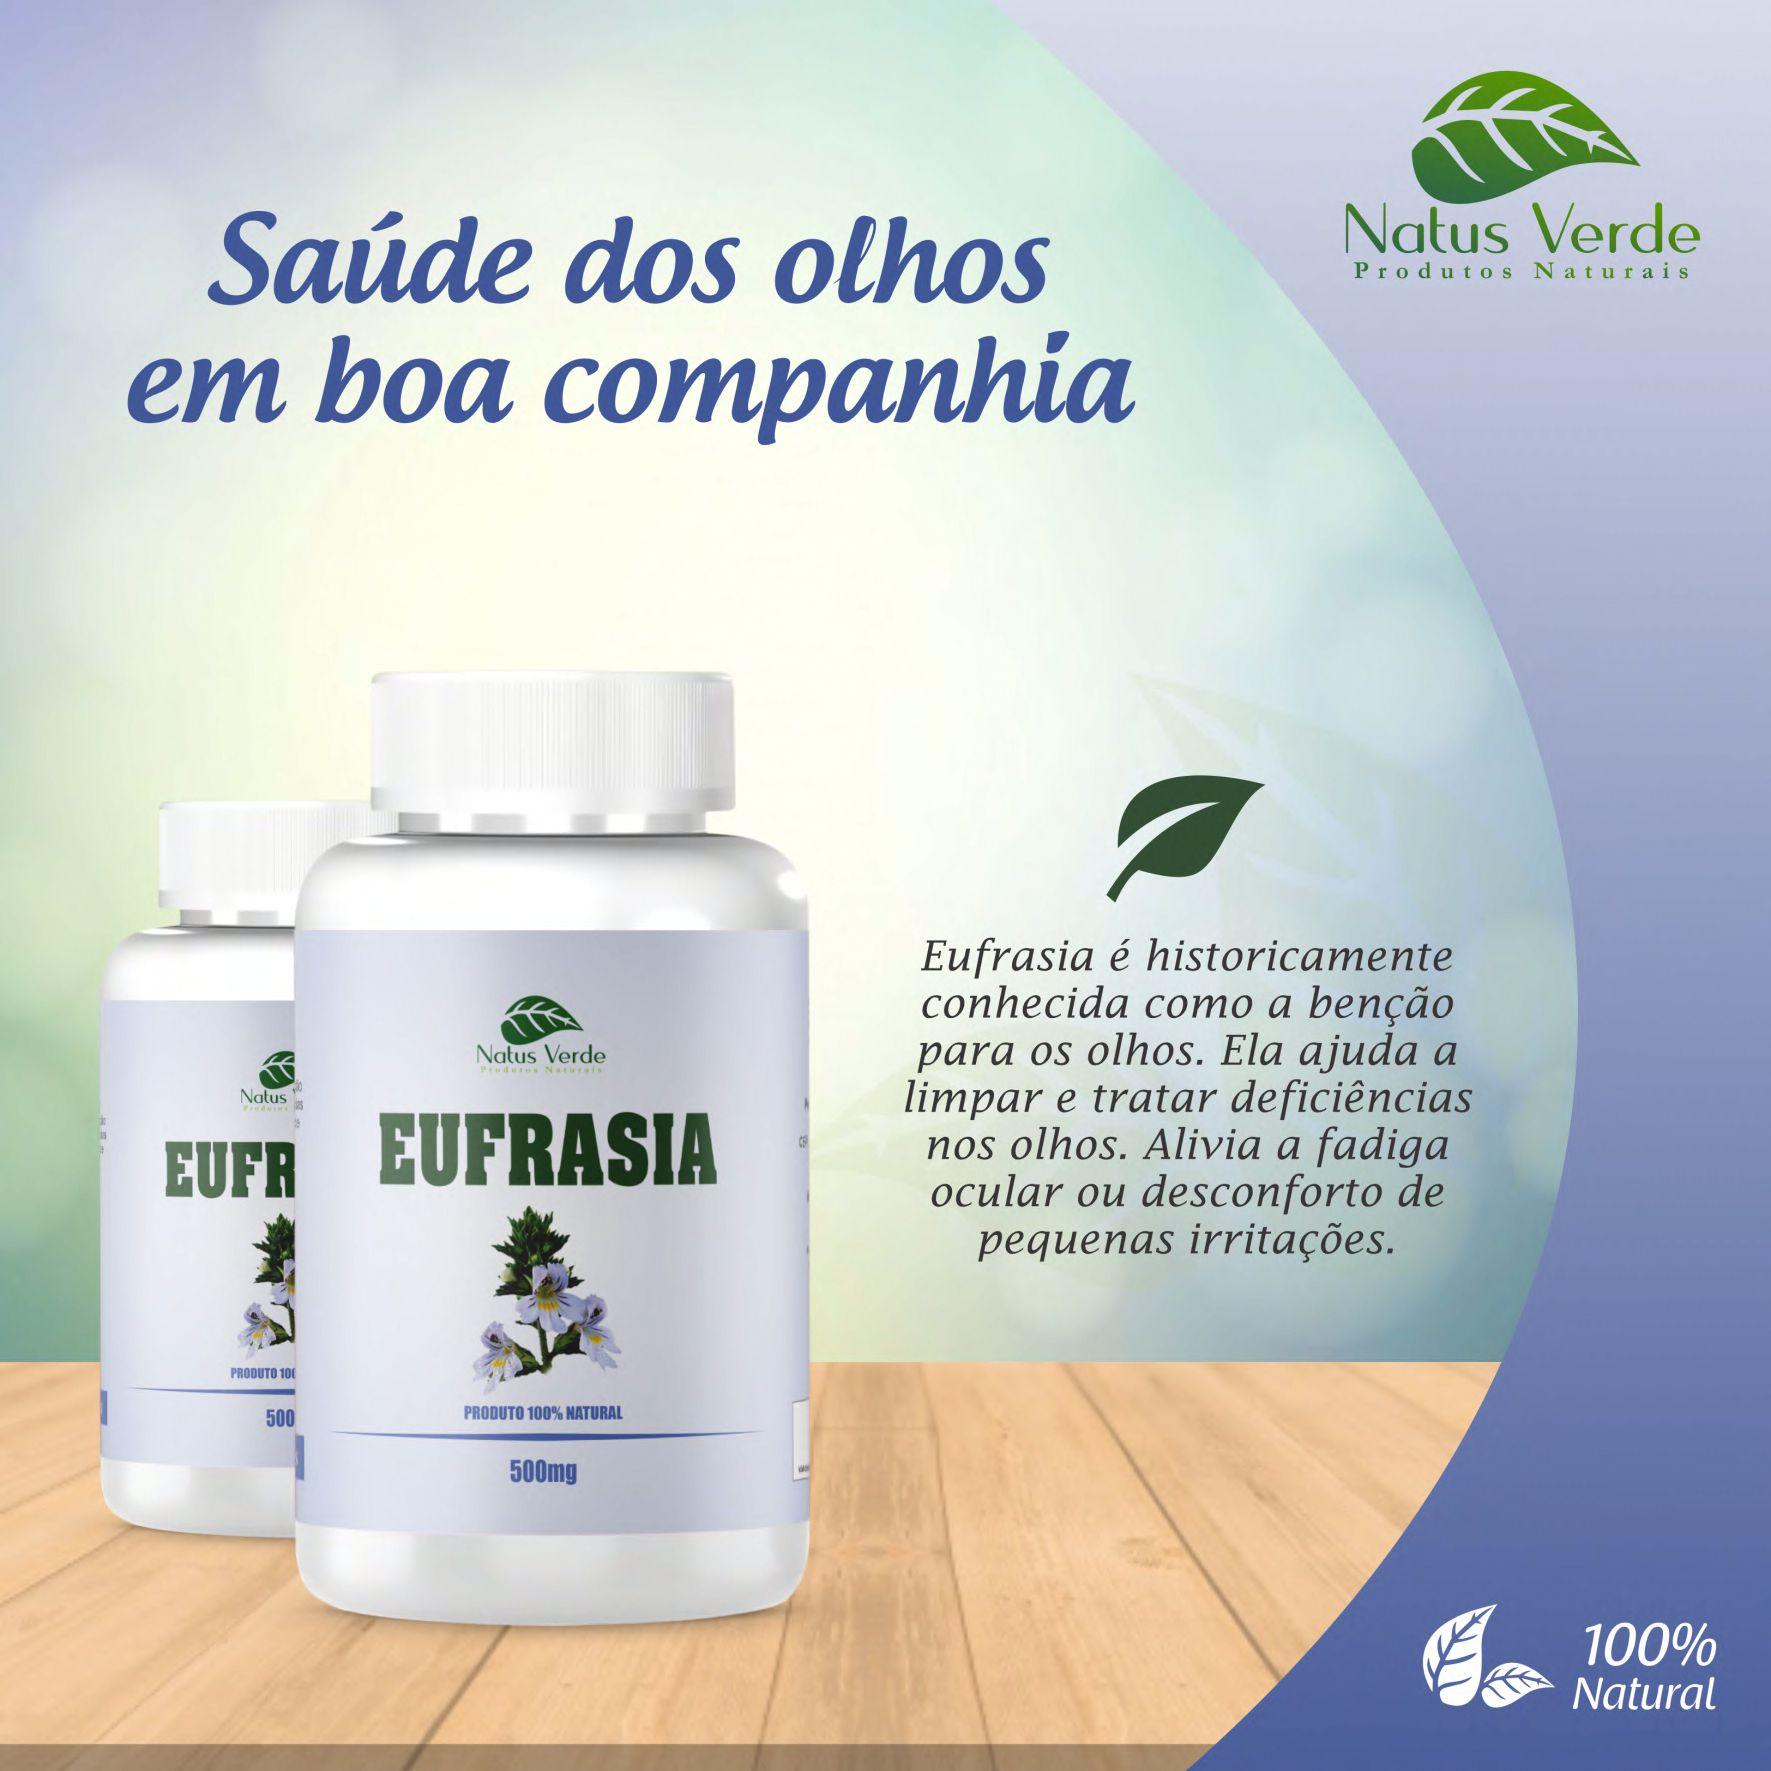 Composto Natural Eufrasia 60 Caps Natus Verde  - Fribasex - Fabricasex.com